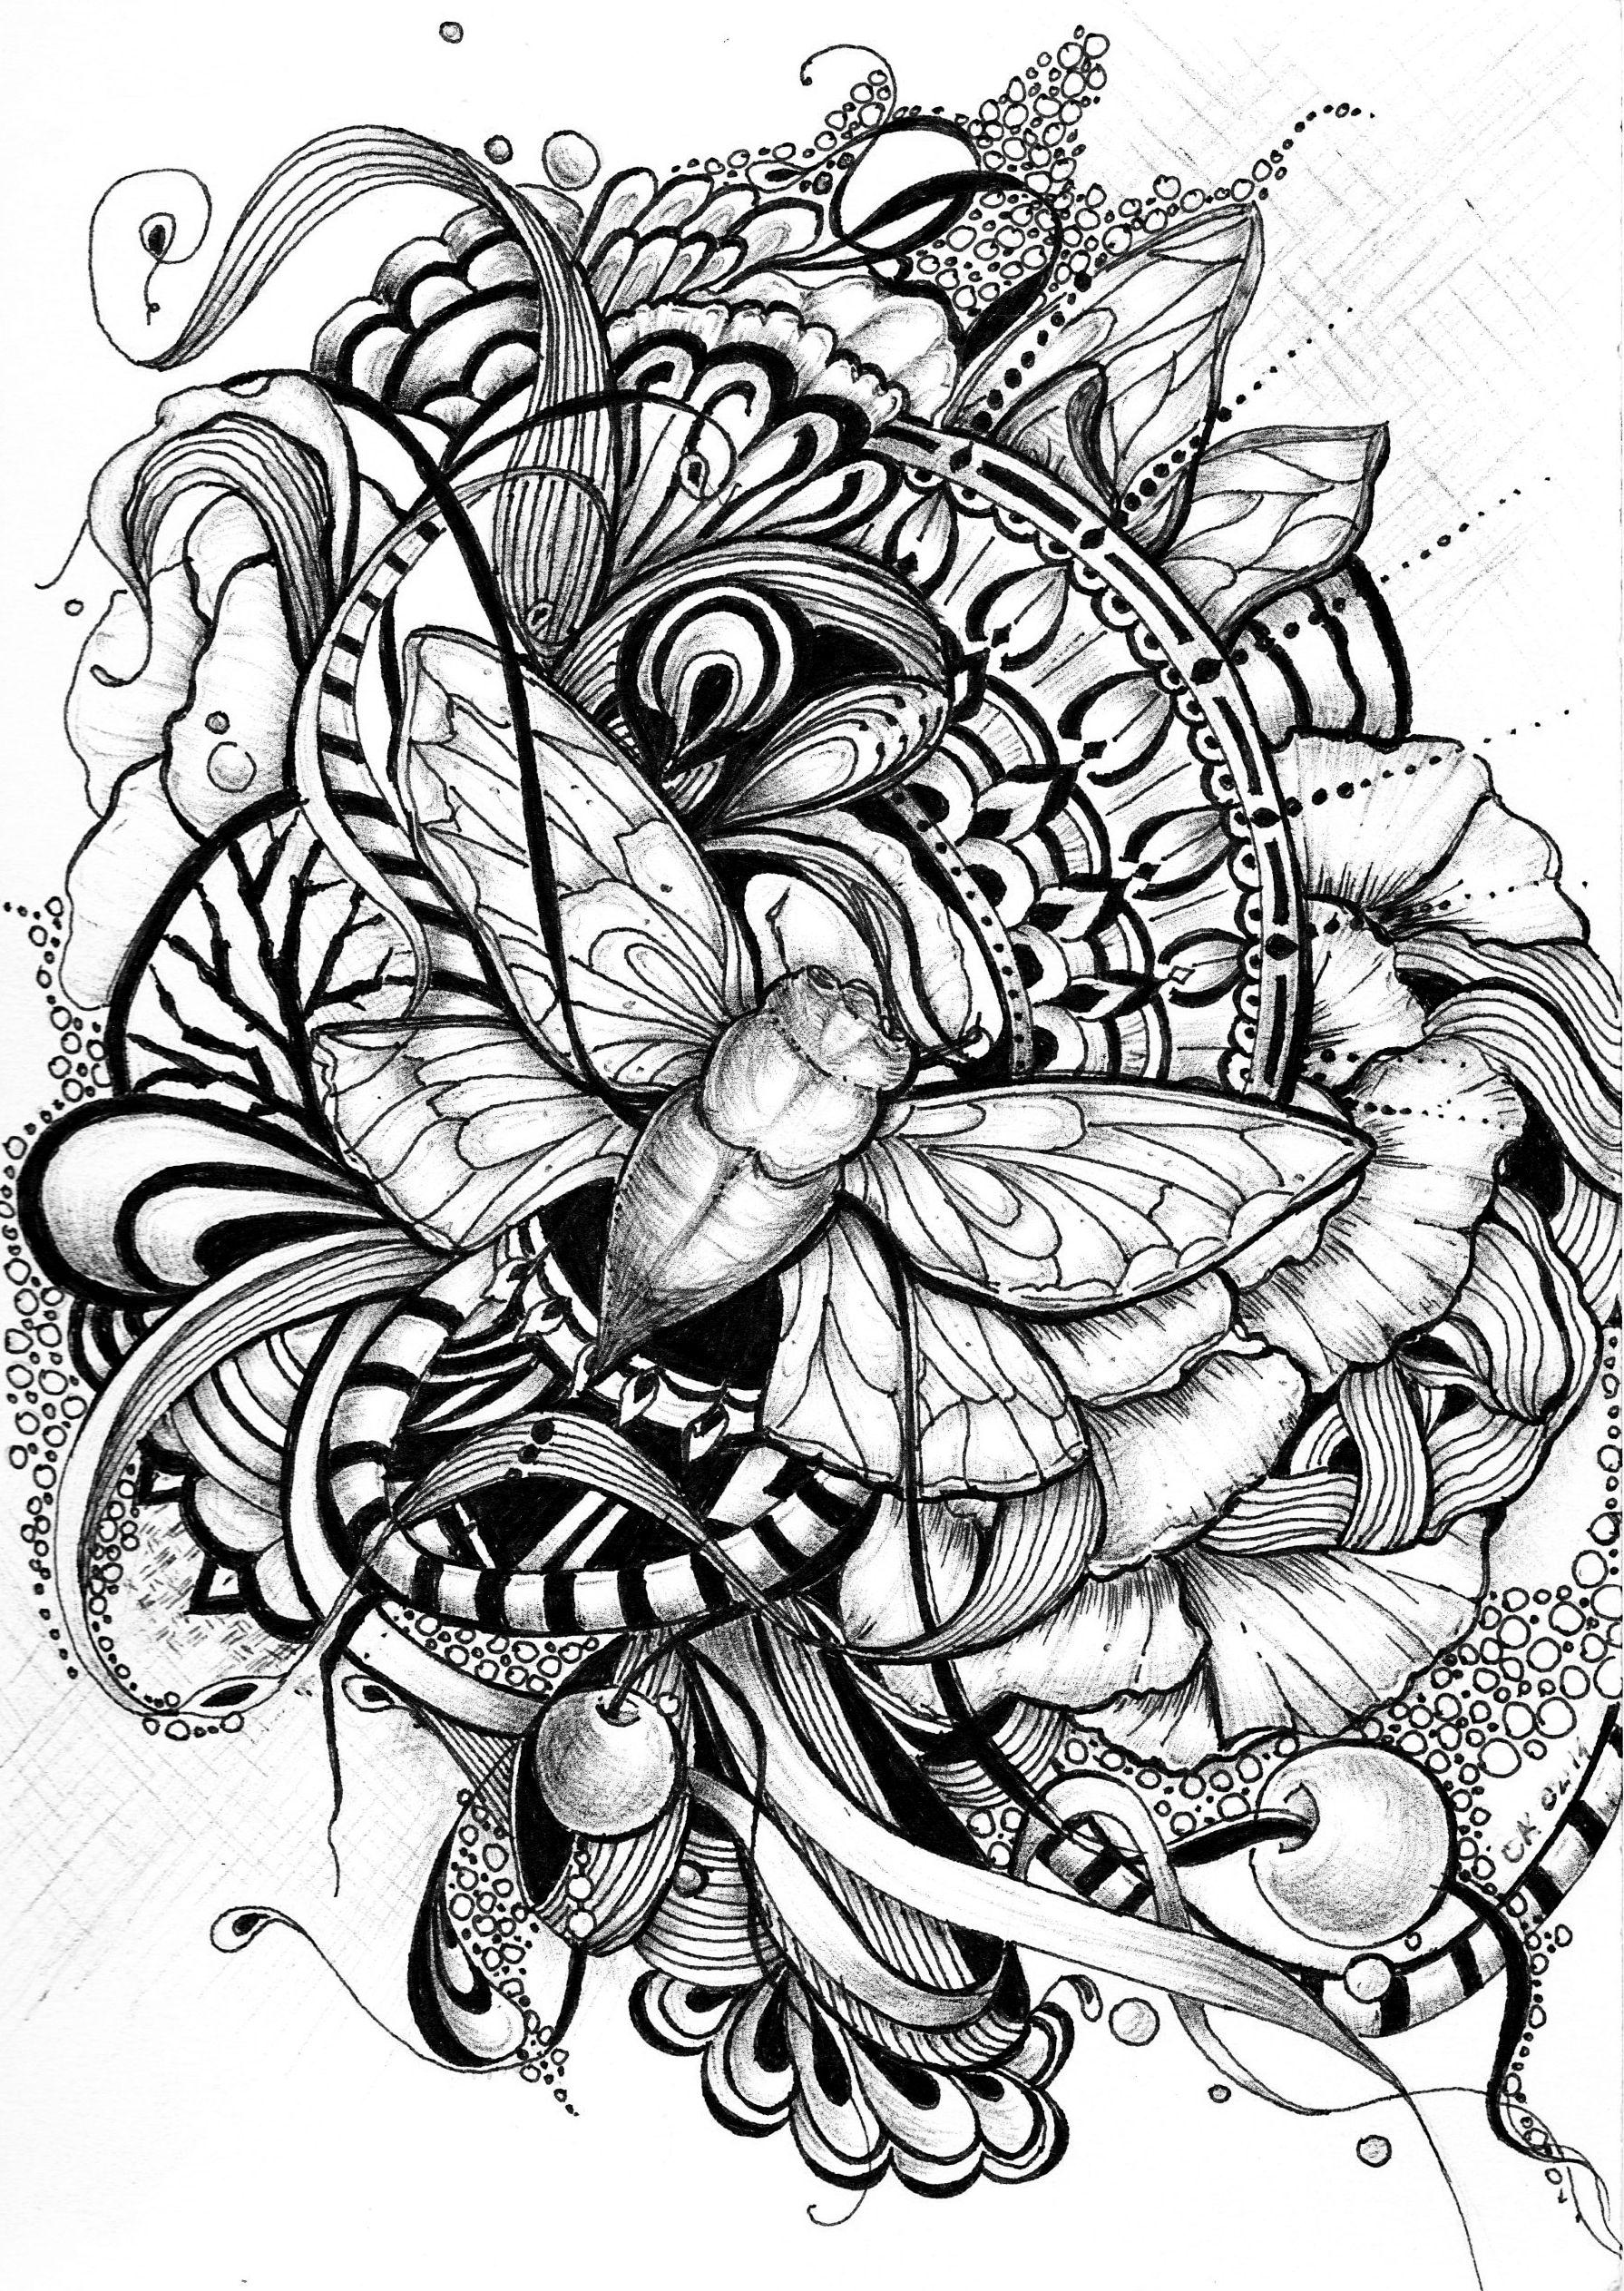 Cicada Zentangle Cally S Creative Space Kleurplaten Voor Volwassenen Kleurplaten Patronen